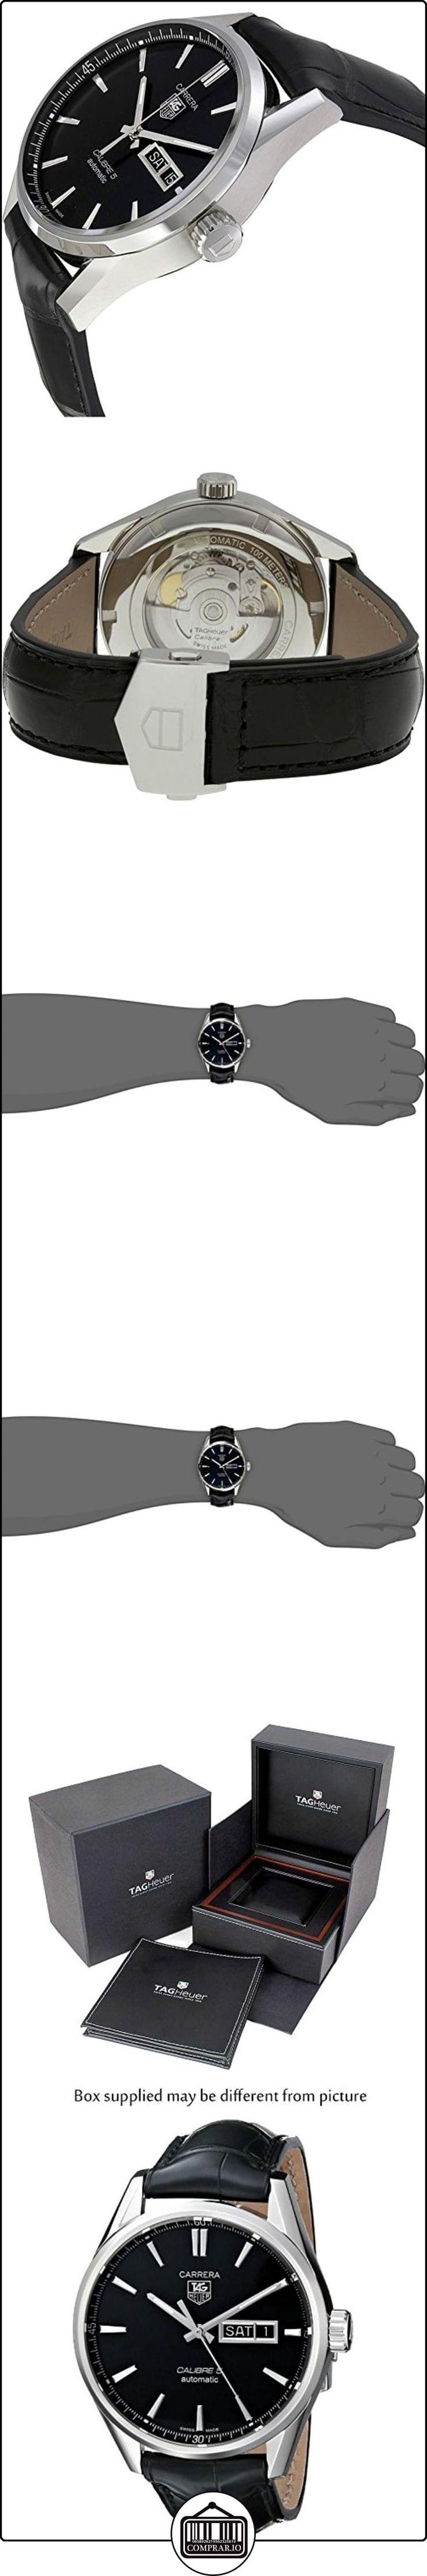 TAG Heuer WAR201A.FC6266 - Reloj para hombres, correa de cuero color negro  ✿ Relojes para hombre - (Lujo) ✿